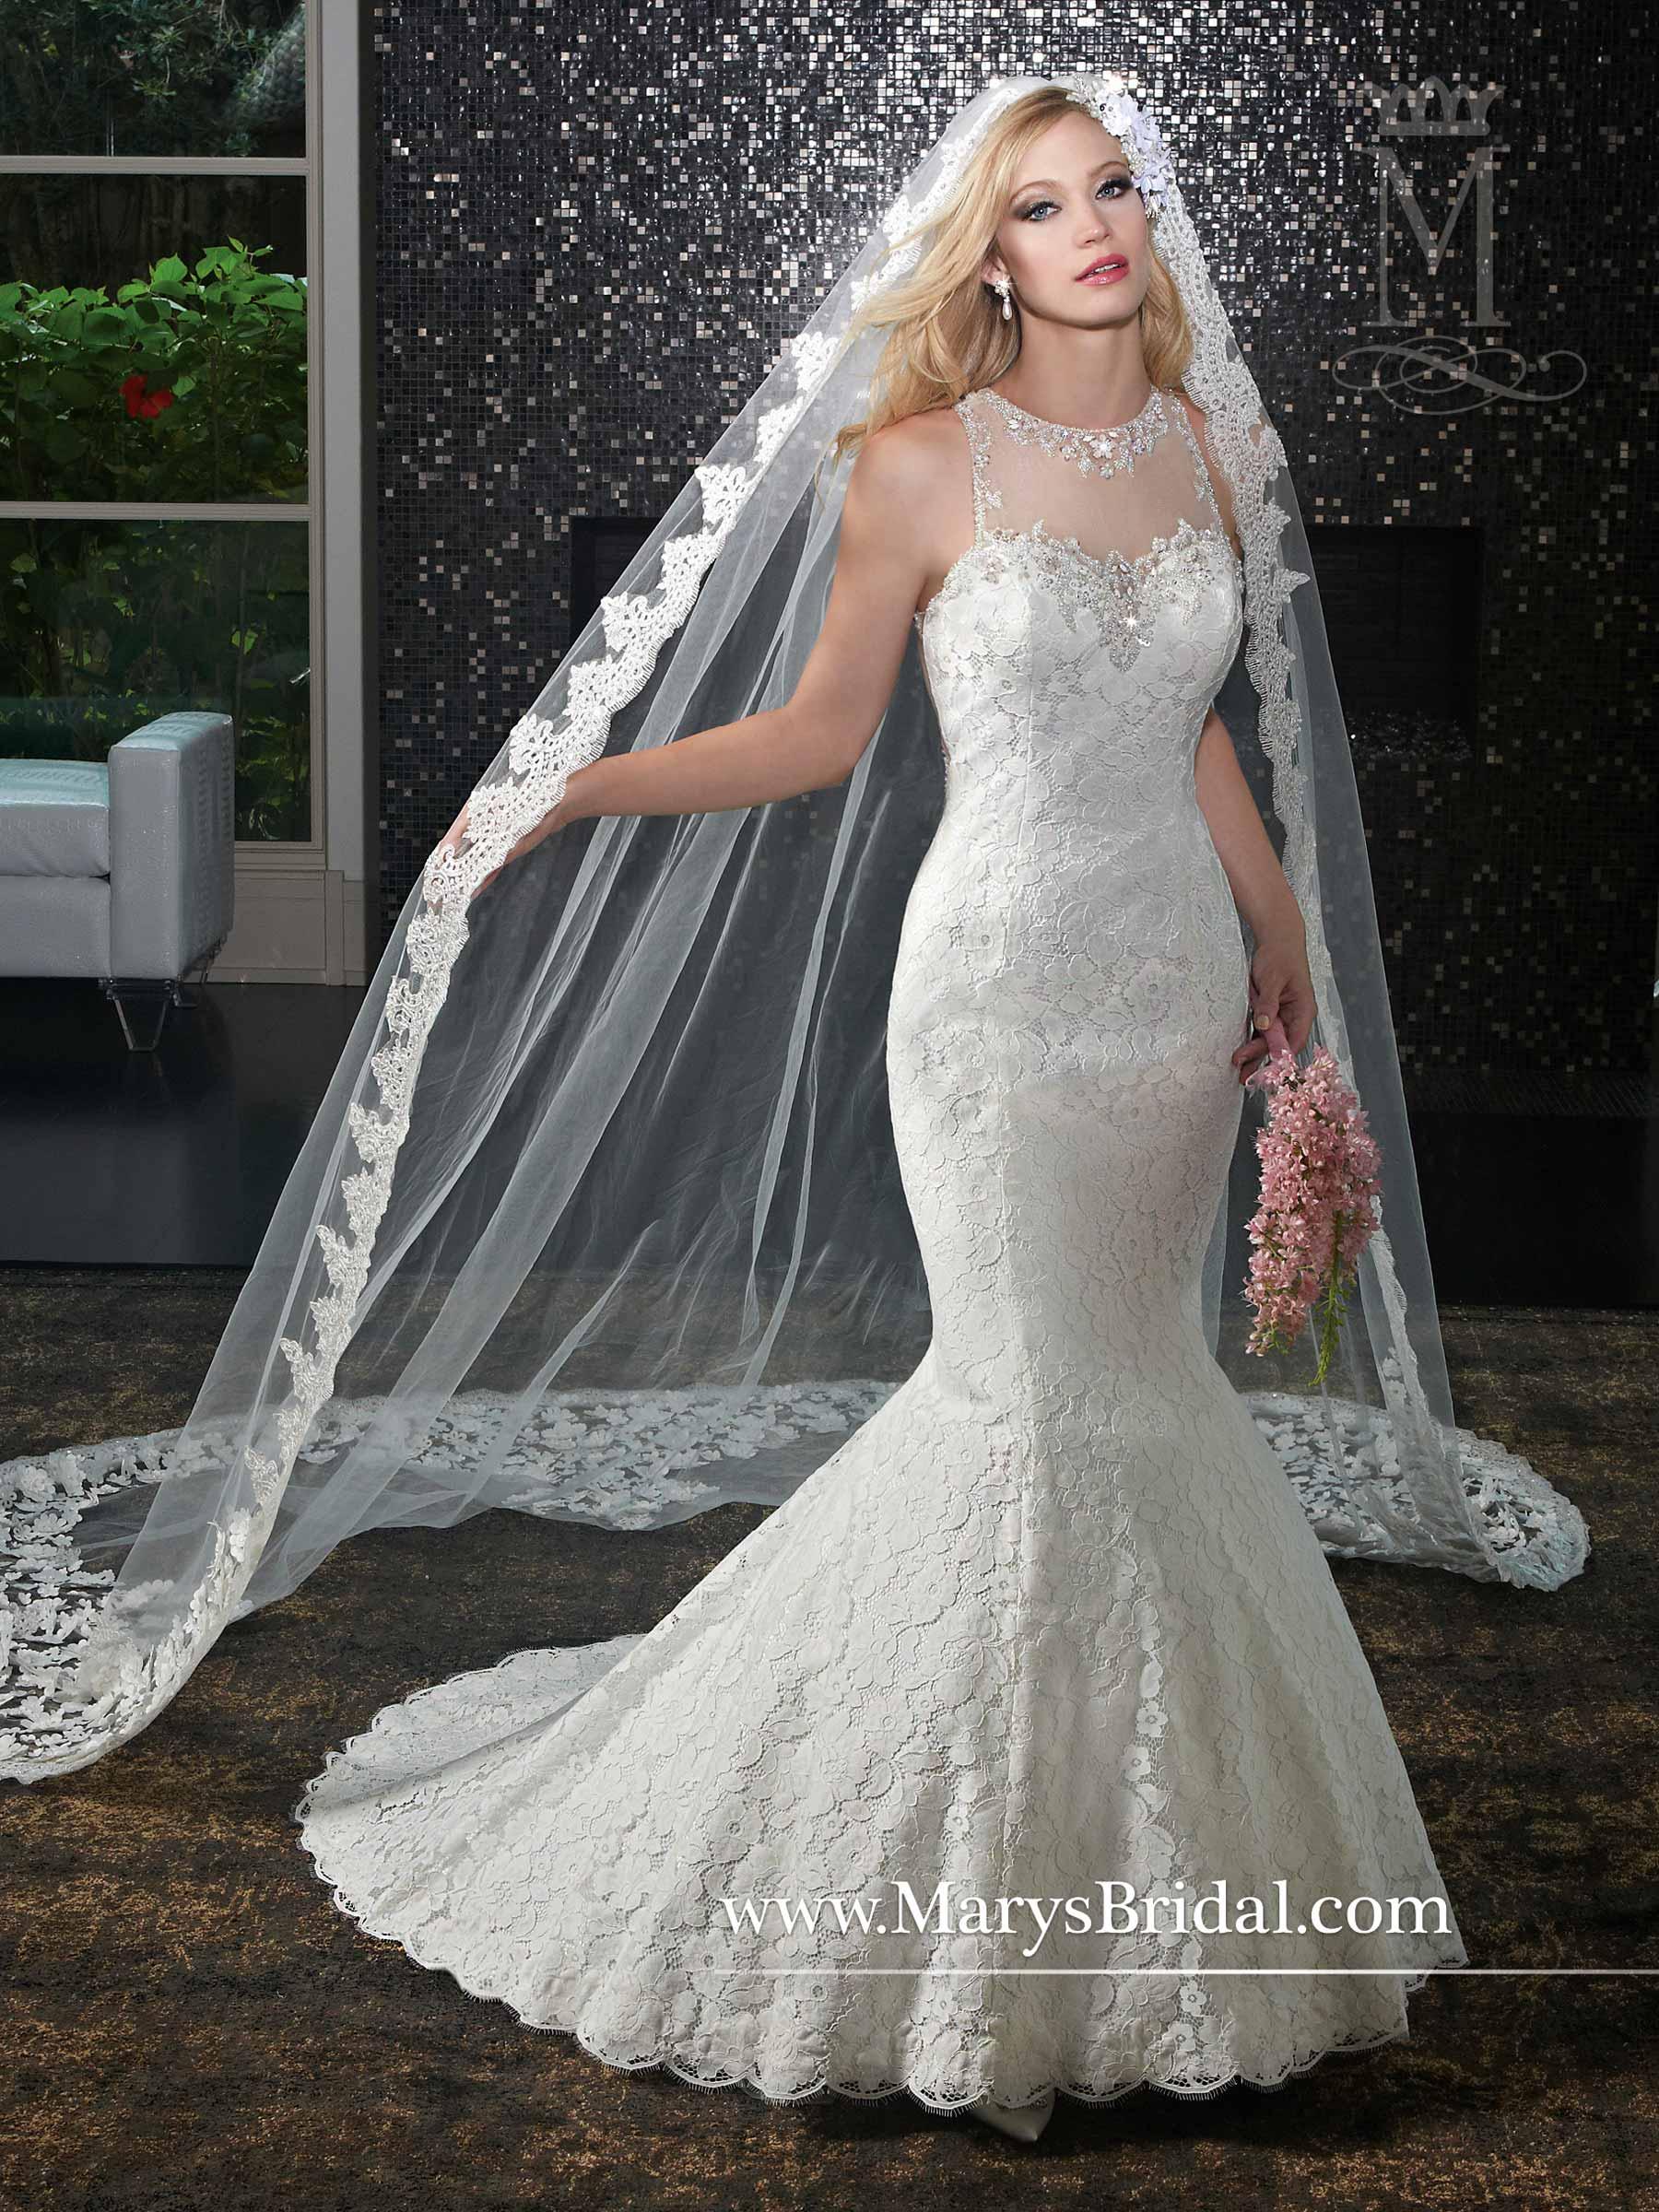 6424-marys bridal